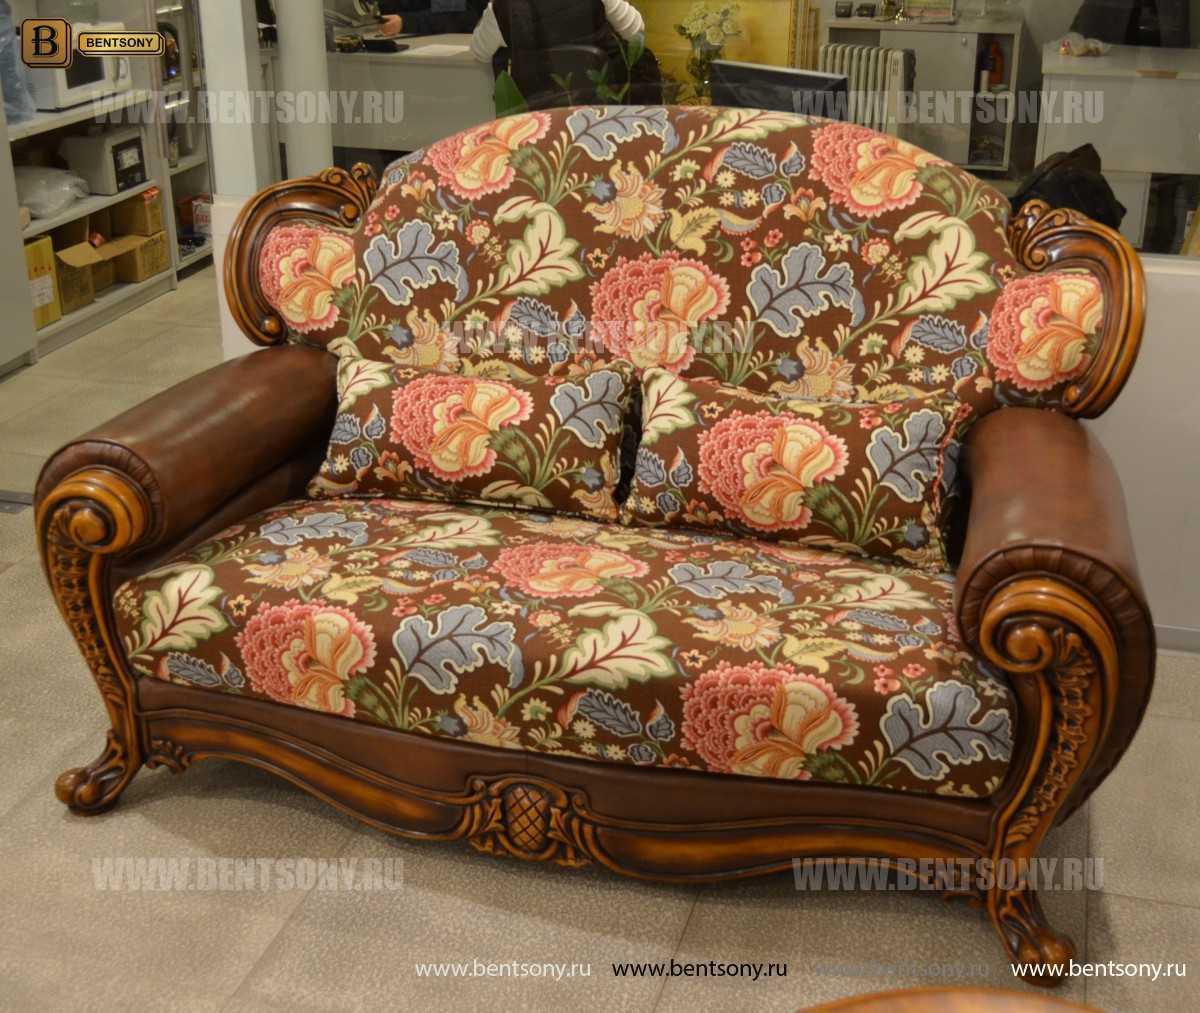 Диван двойной Кушетка Дакота D (Классика, массив дерева) каталог мебели с ценами